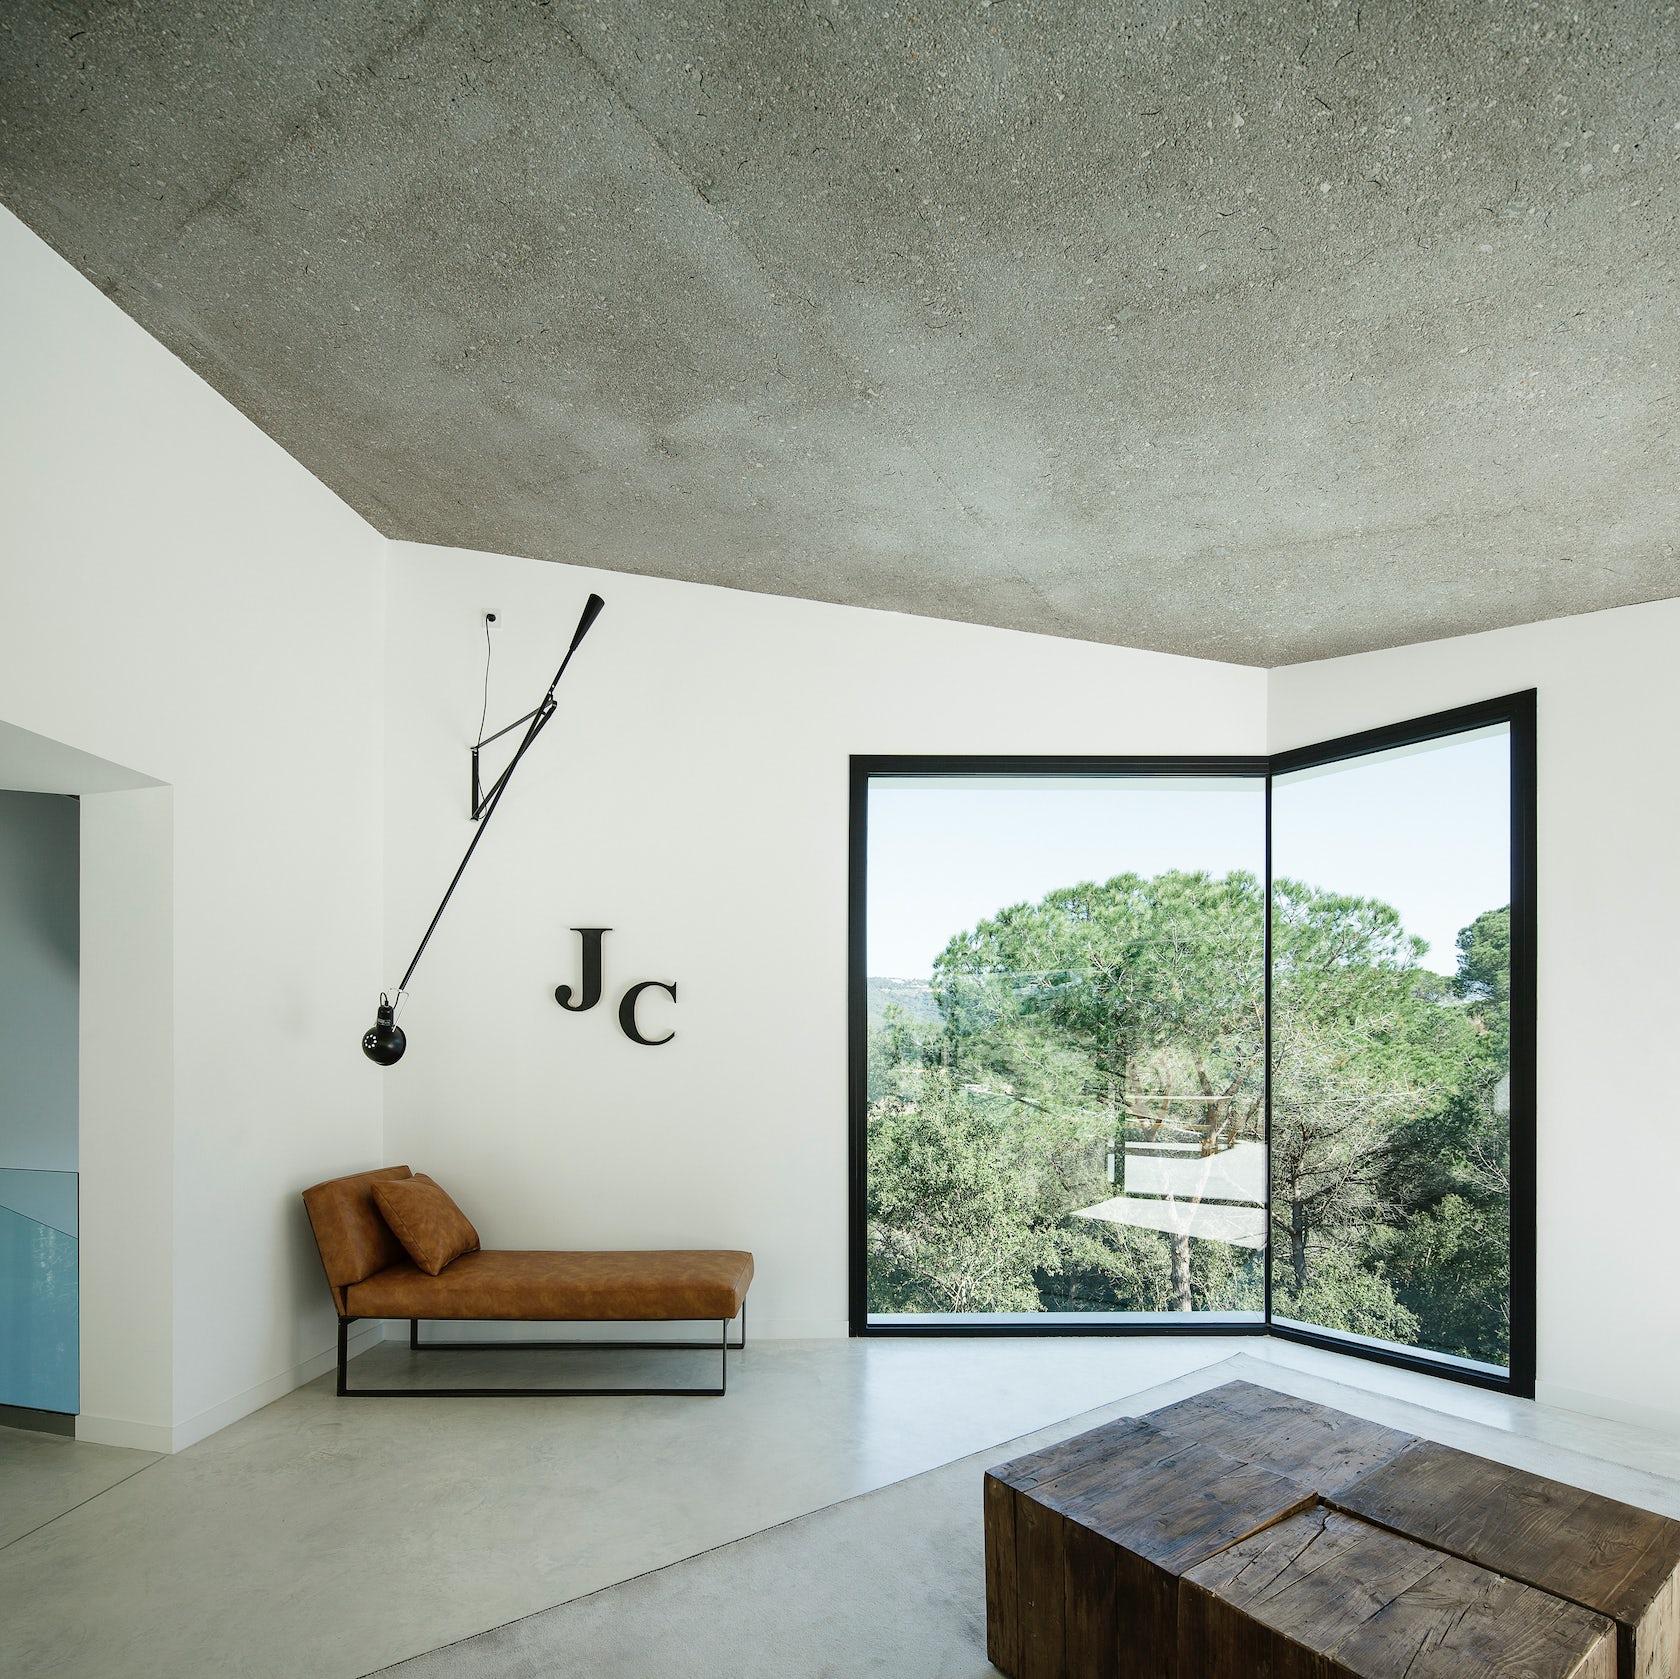 House in llavaneres architizer - Area gestio llavaneres ...